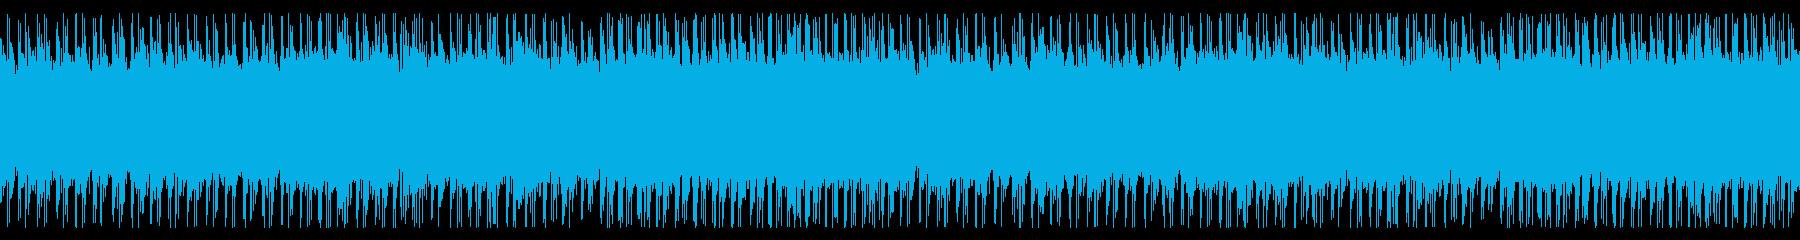 ホラー。モンスターの潜むダンジョン。の再生済みの波形